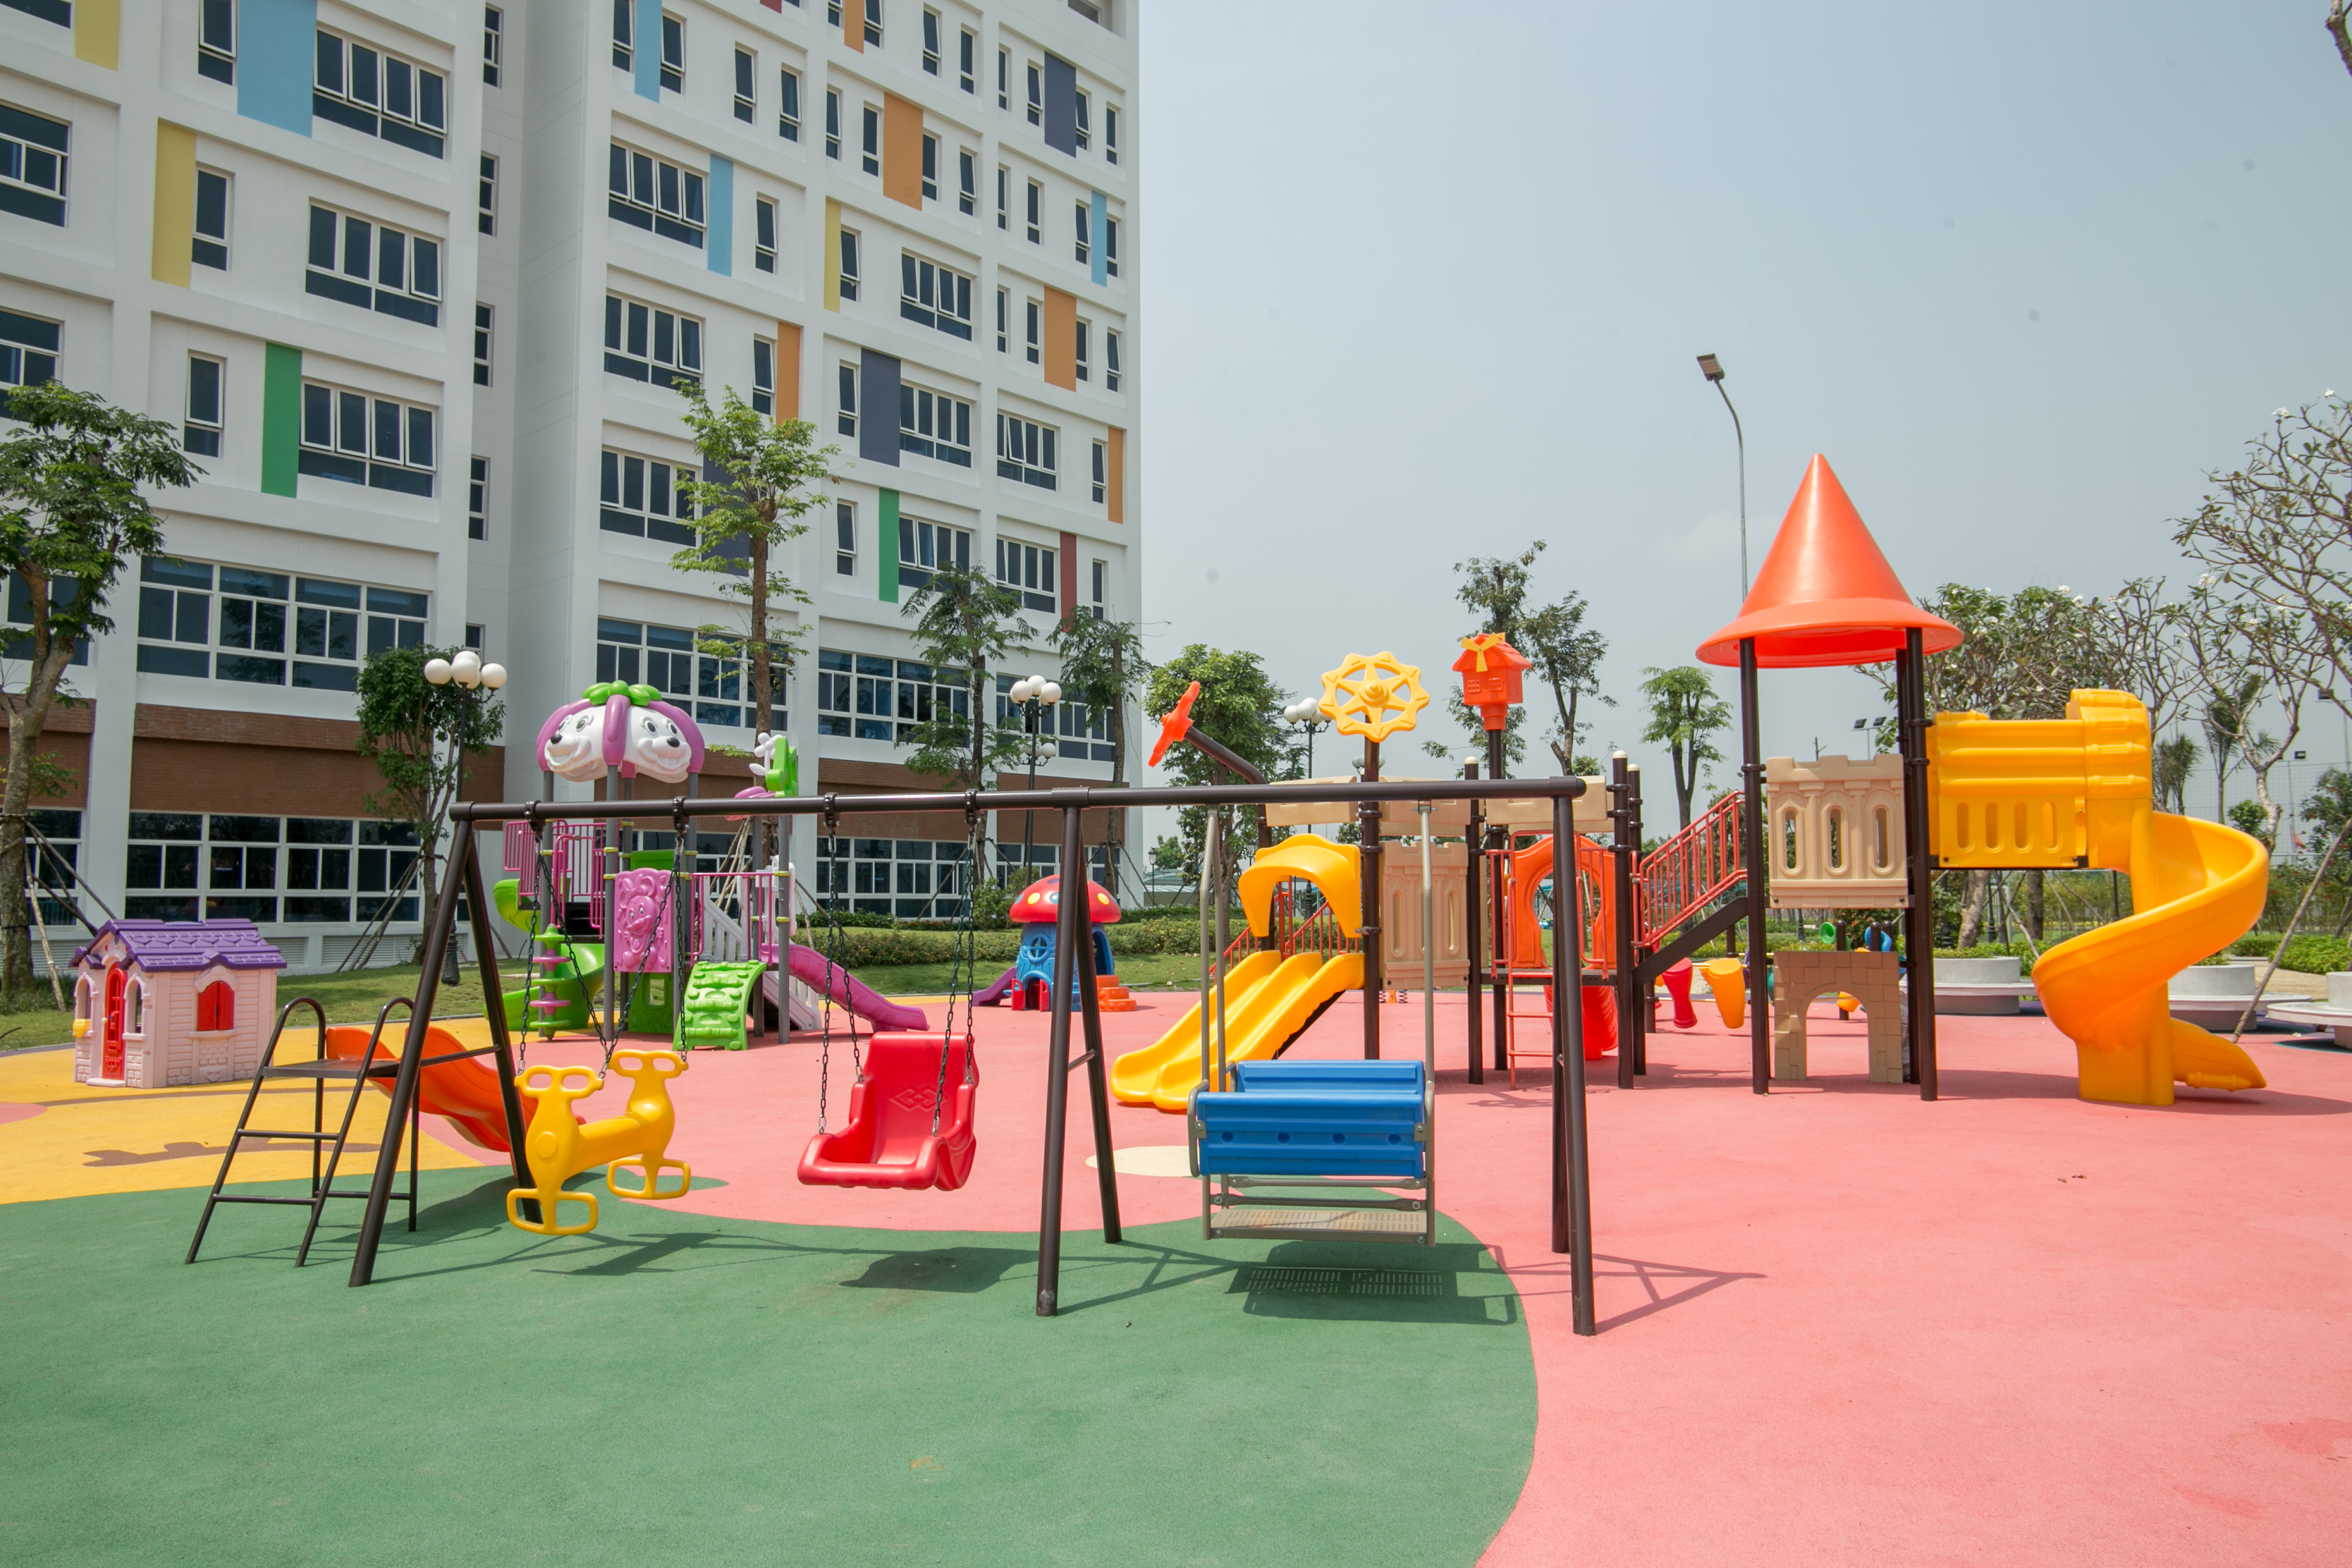 Ở Sài Gòn, có một Bệnh viện Nhi đồng Thành phố xinh xắn như trường mầm non - Ảnh 6.